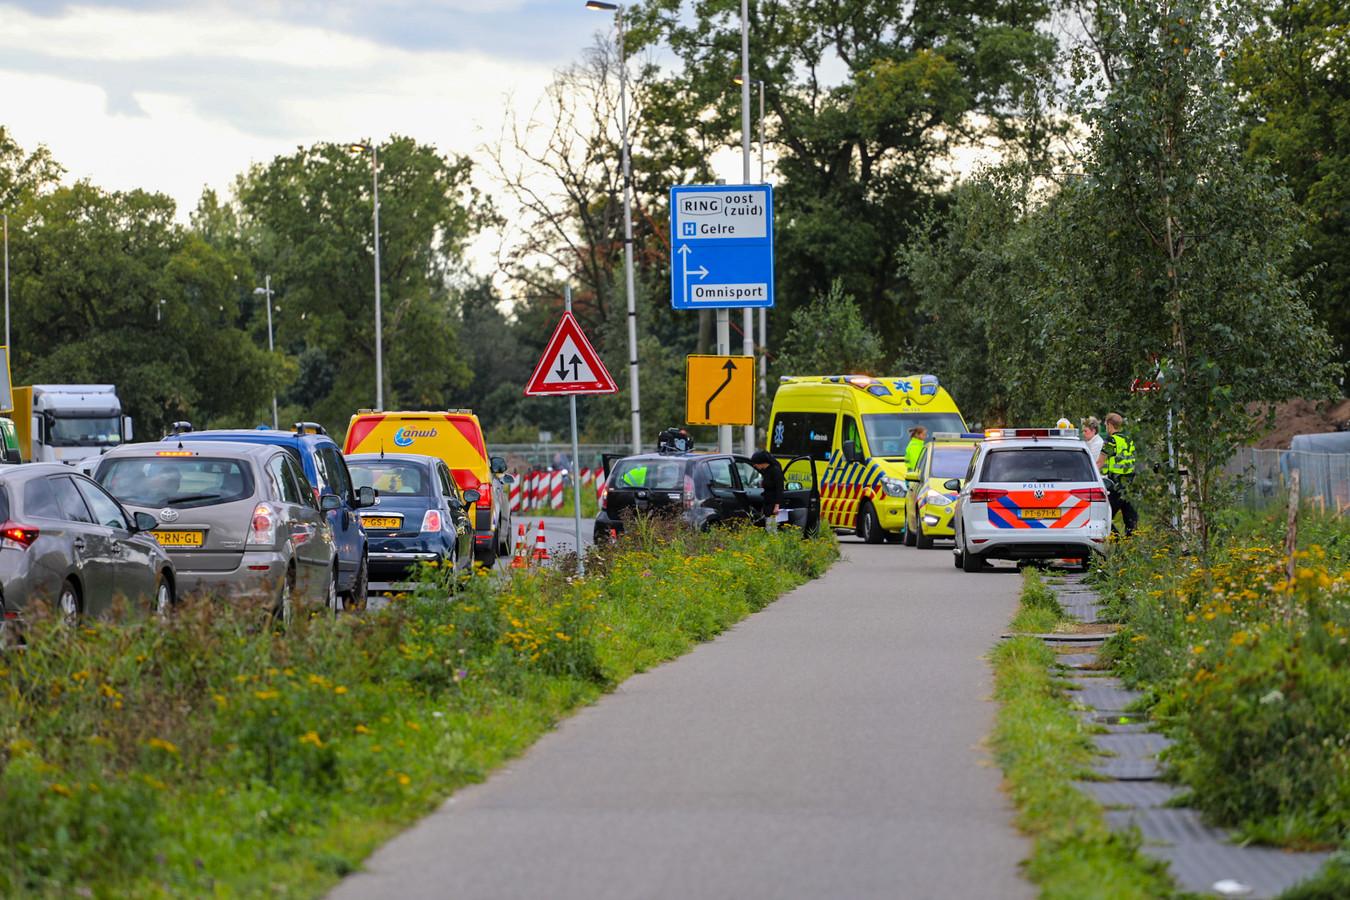 Op de Laan van Erica vond een kop-staartbotsing plaats. Een automobilist raakte daarbij gewond en is naar het ziekenhuis vervoerd.